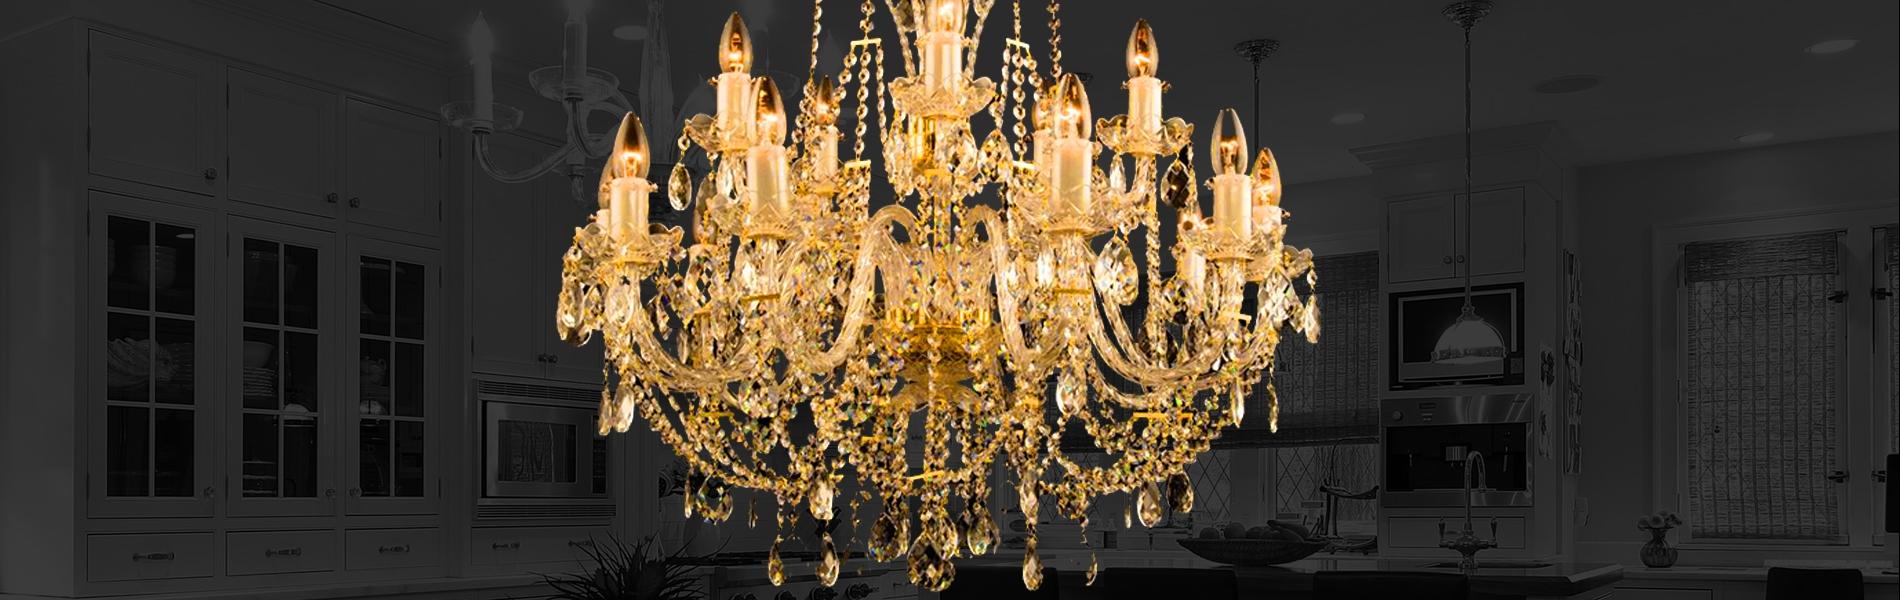 Luxury Decor (@luxurydecor) Cover Image